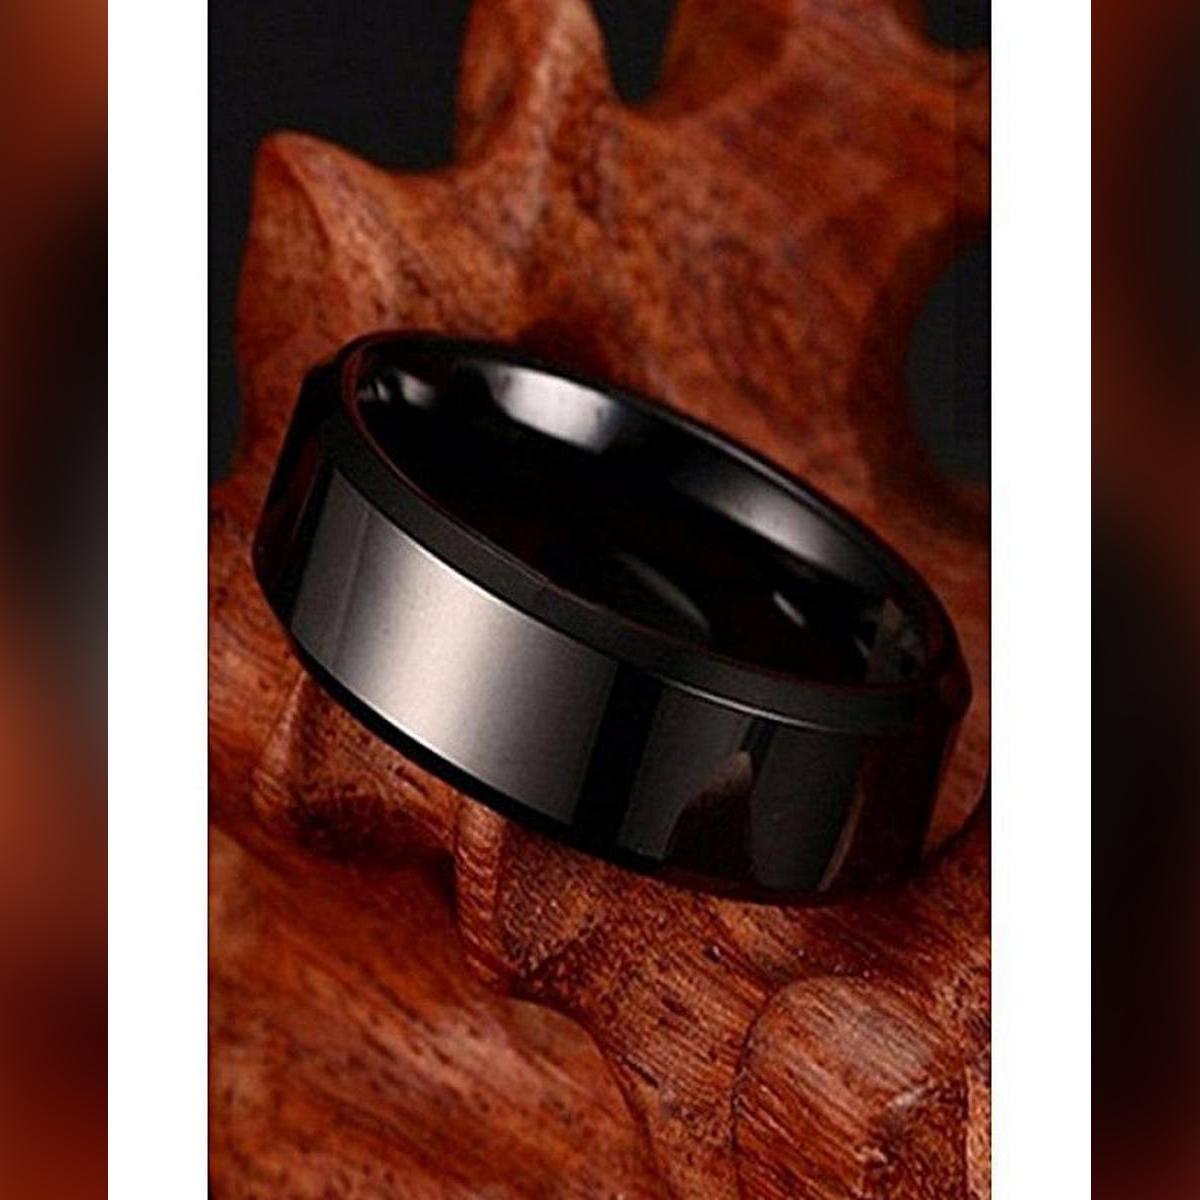 D Marts Black Titanium Ring Men D587